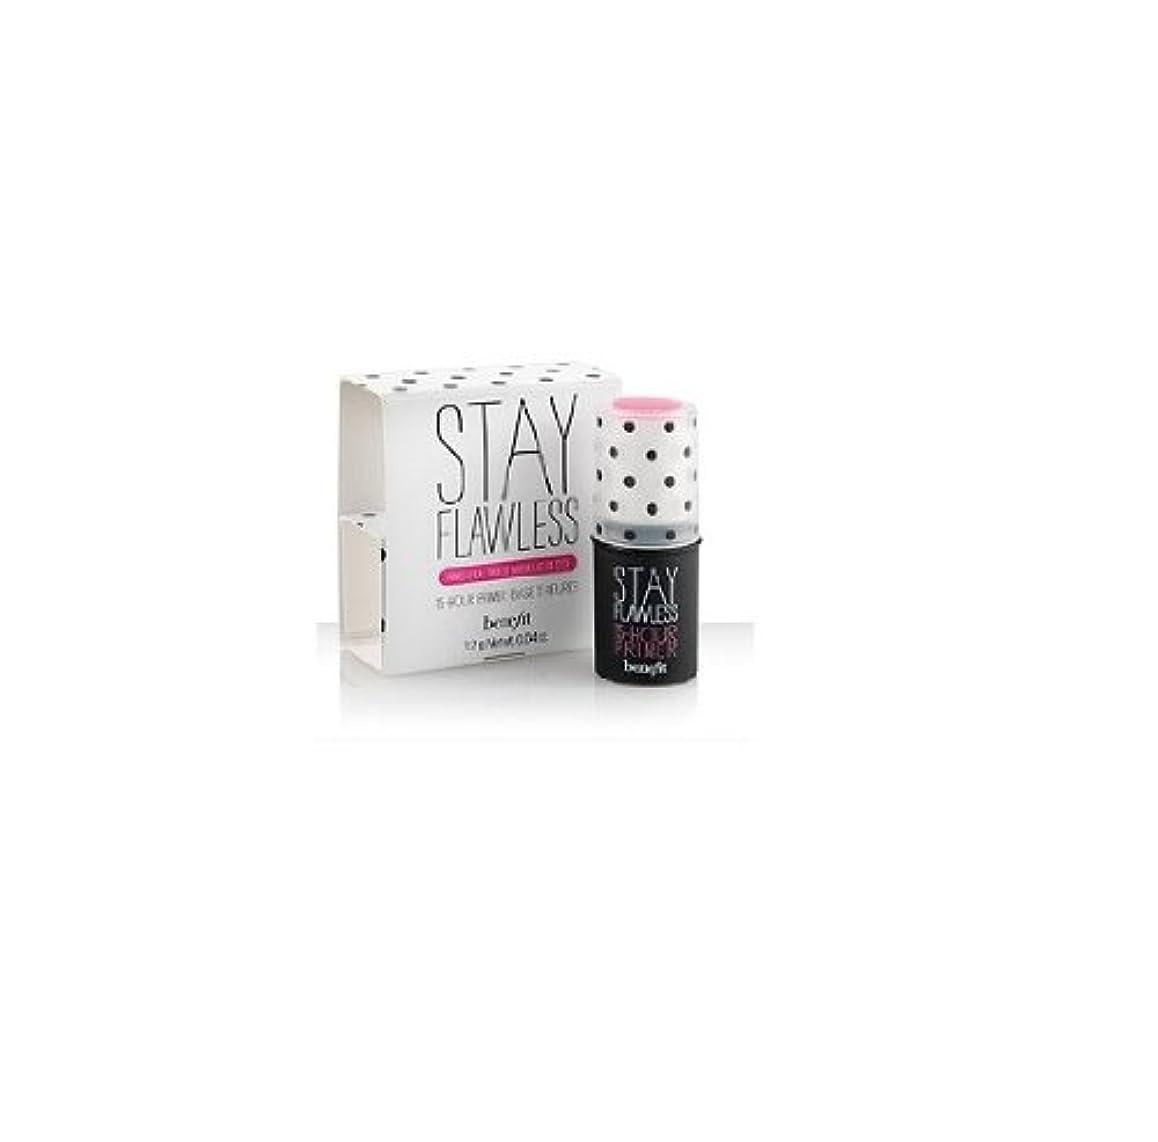 荒涼とした進行中器具ベネフィット ステイ フローレス 15アワー プライマーベース トラベルサイズ Benefit Stay Flawless 15-Hour Primer Stick 0.04 Oz.